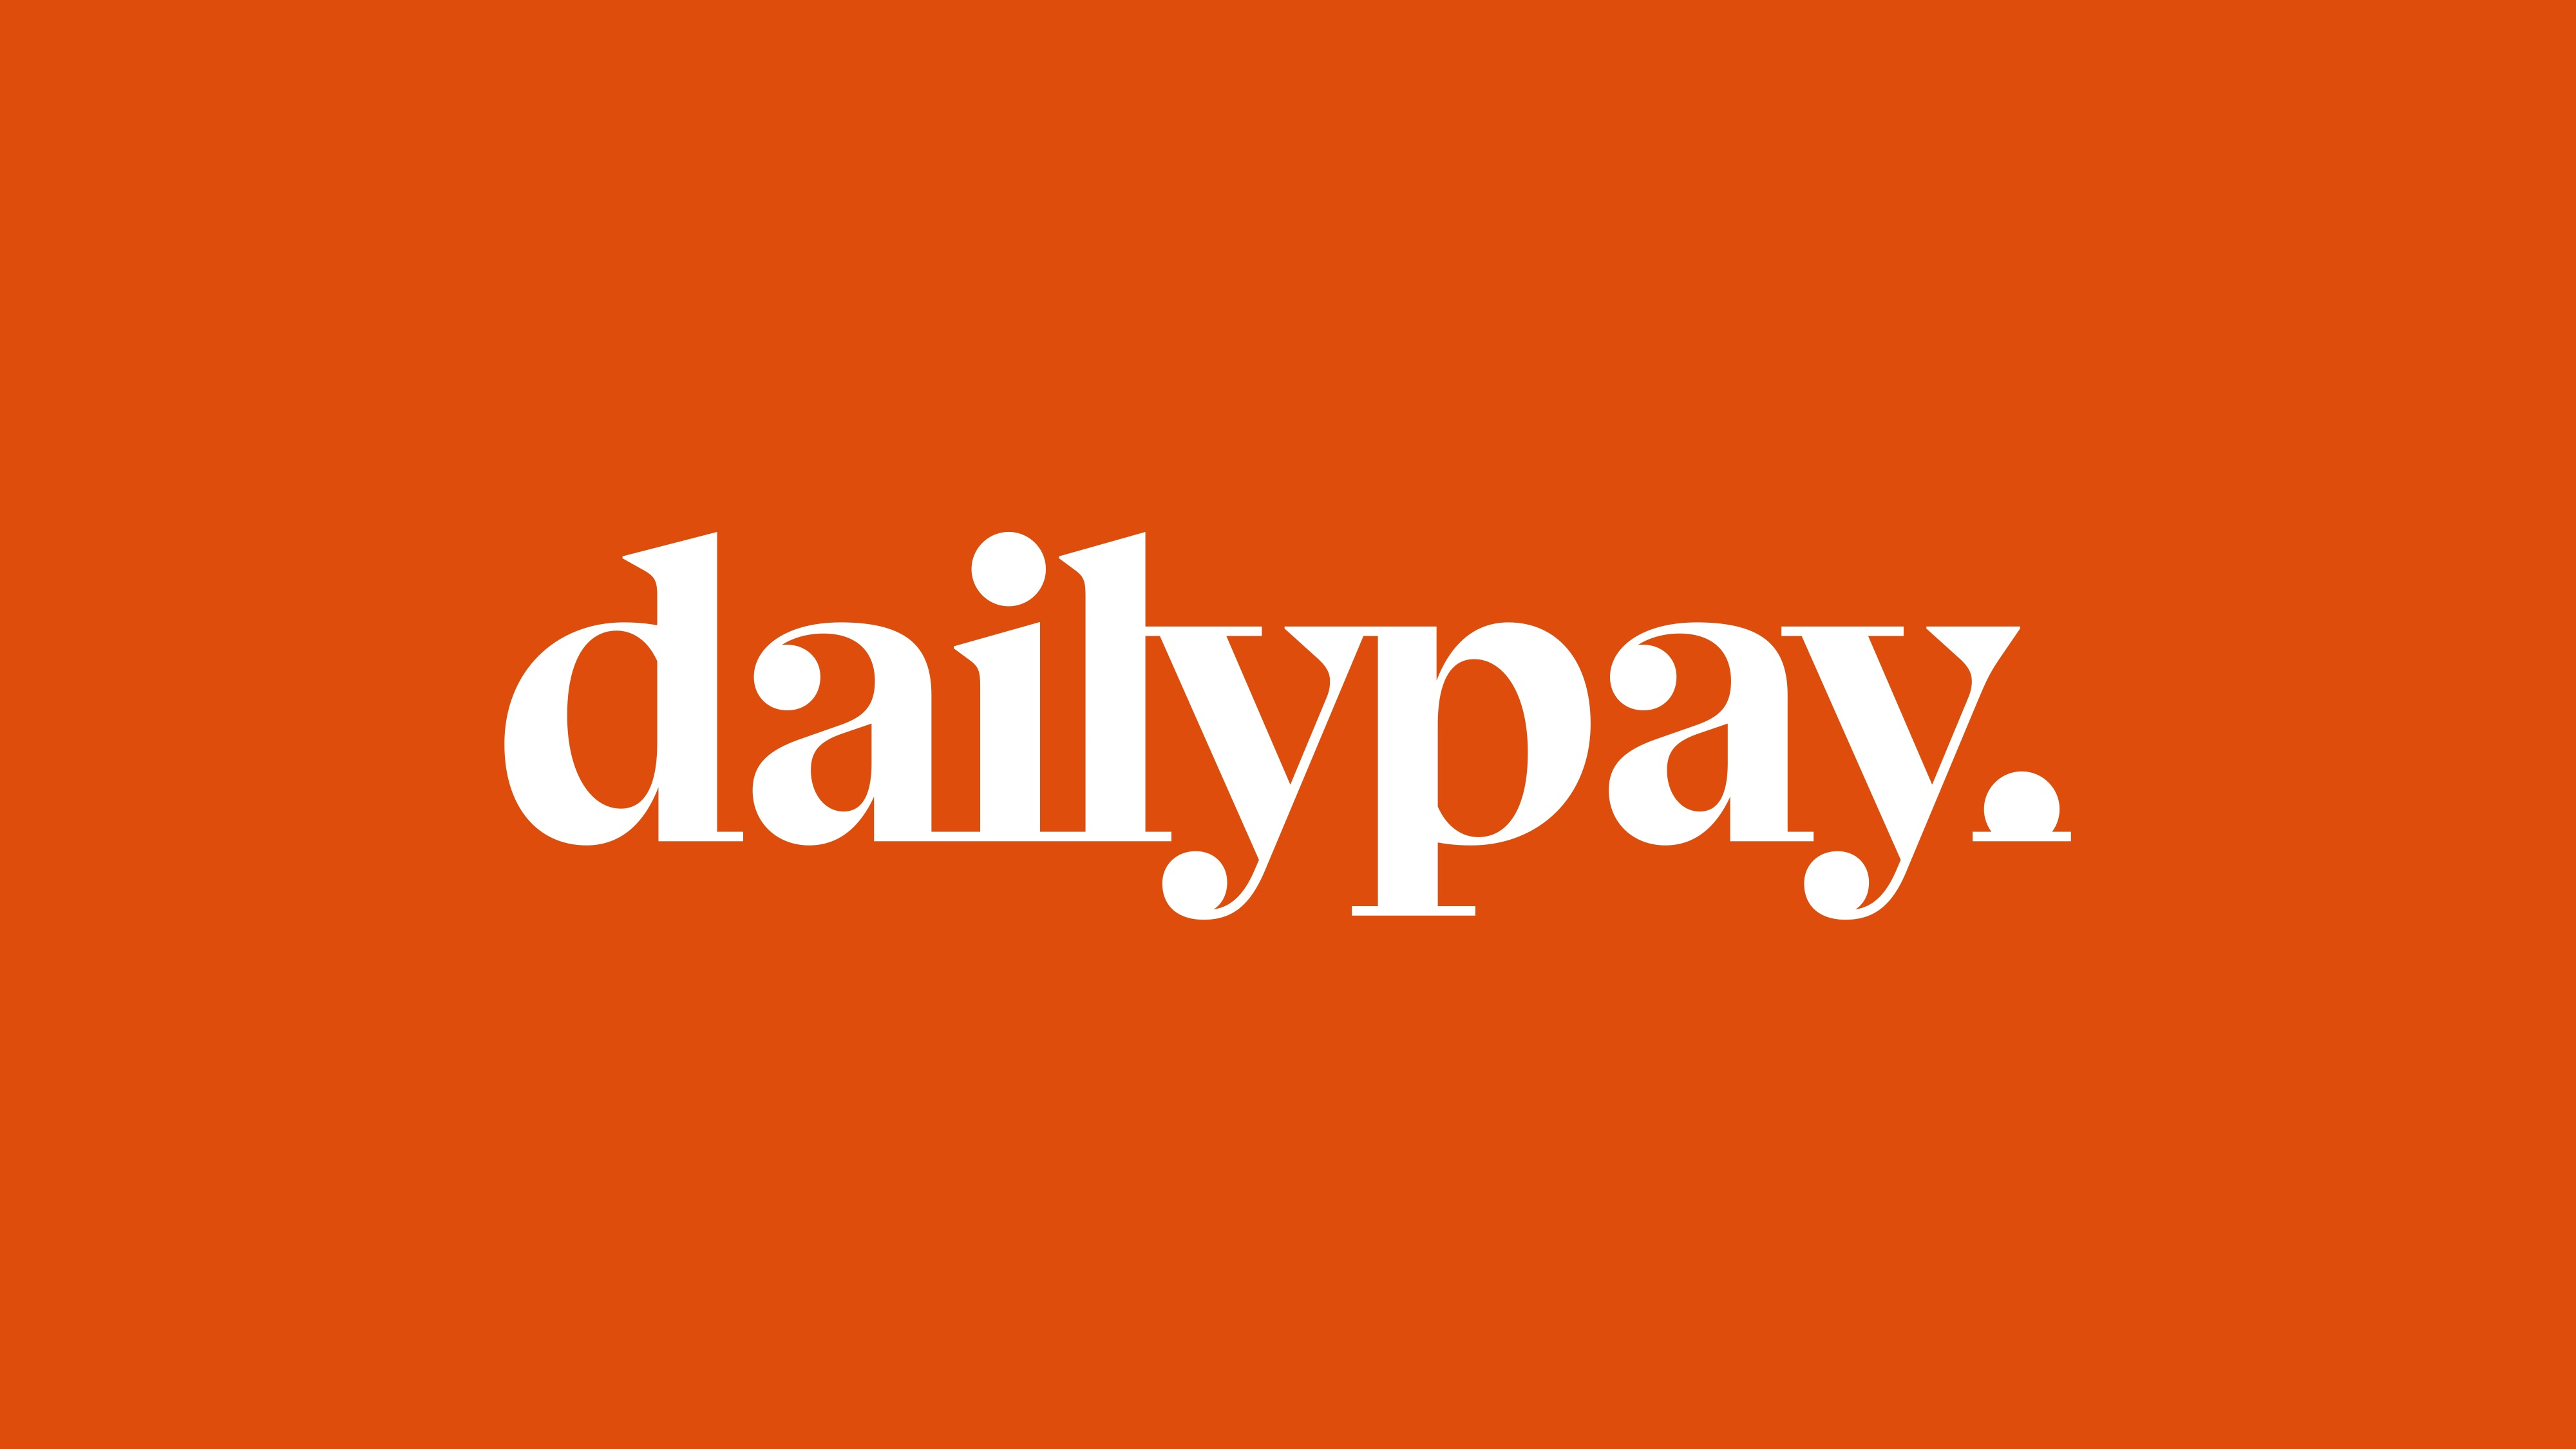 DailyPay header image